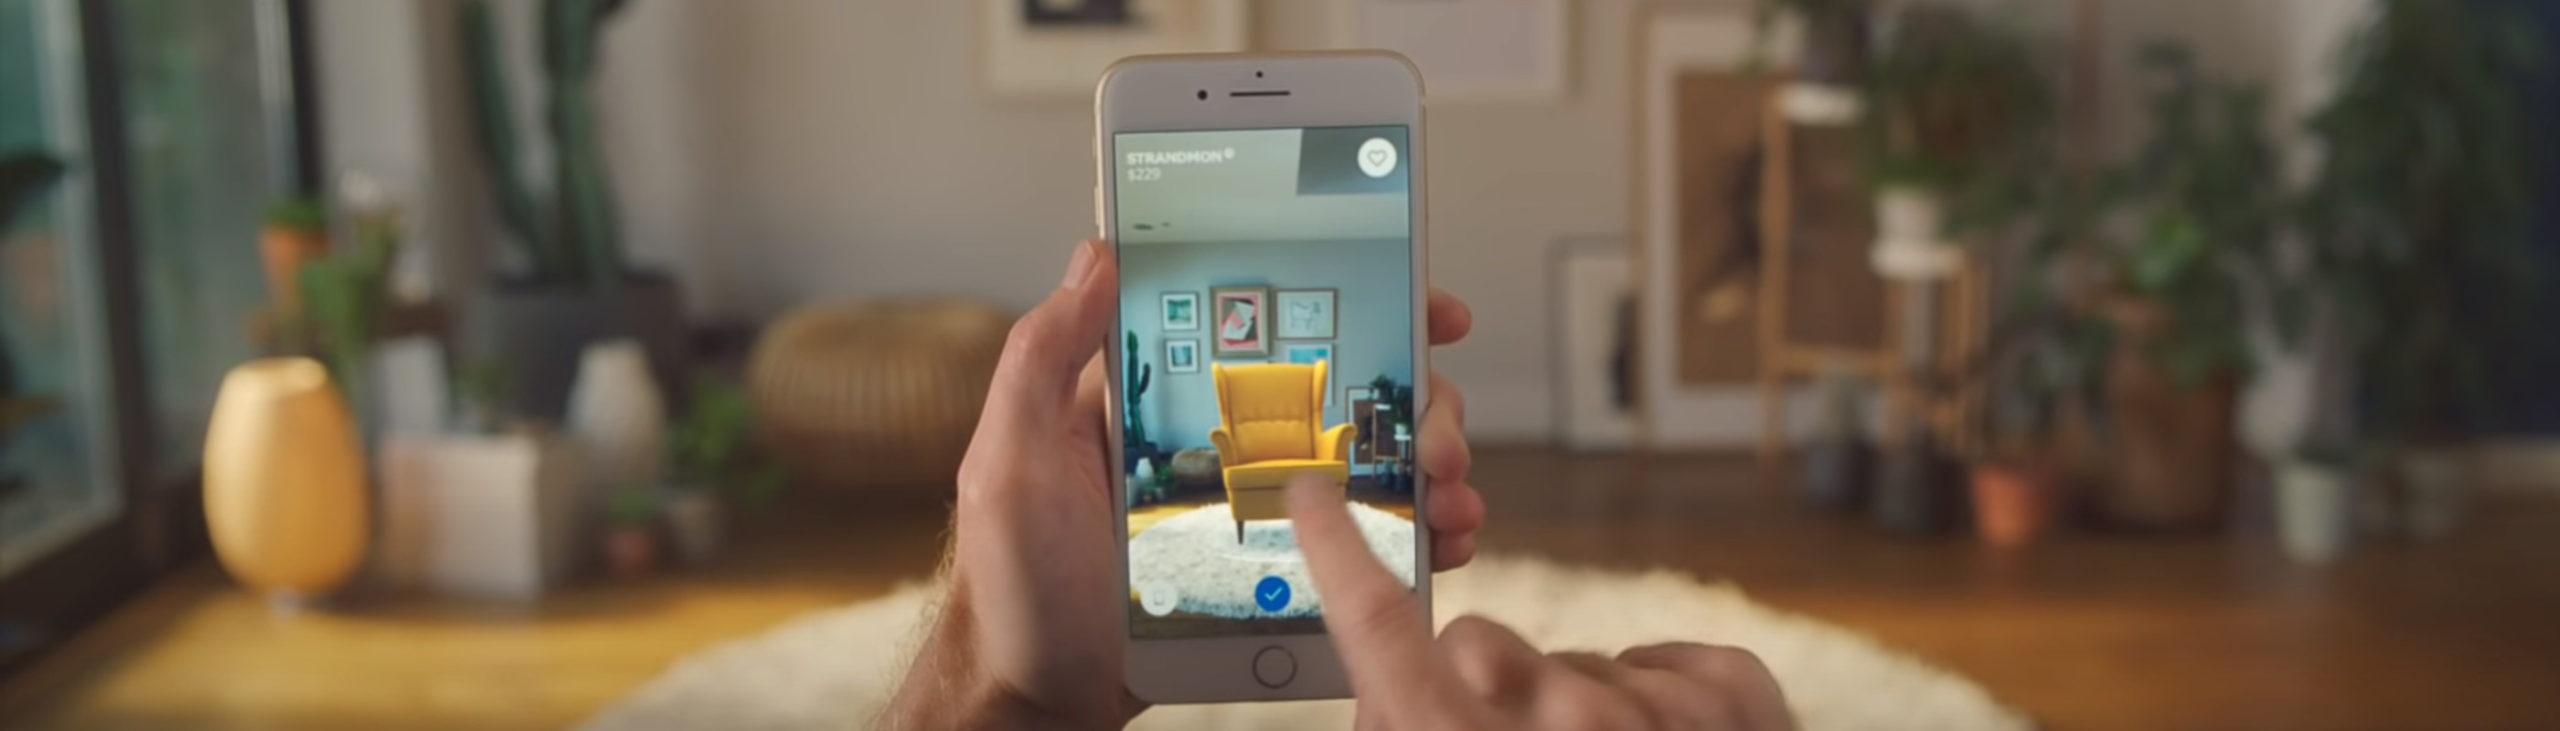 Ikea Place, la aplicación de realidad aumentada de Ikea | 20